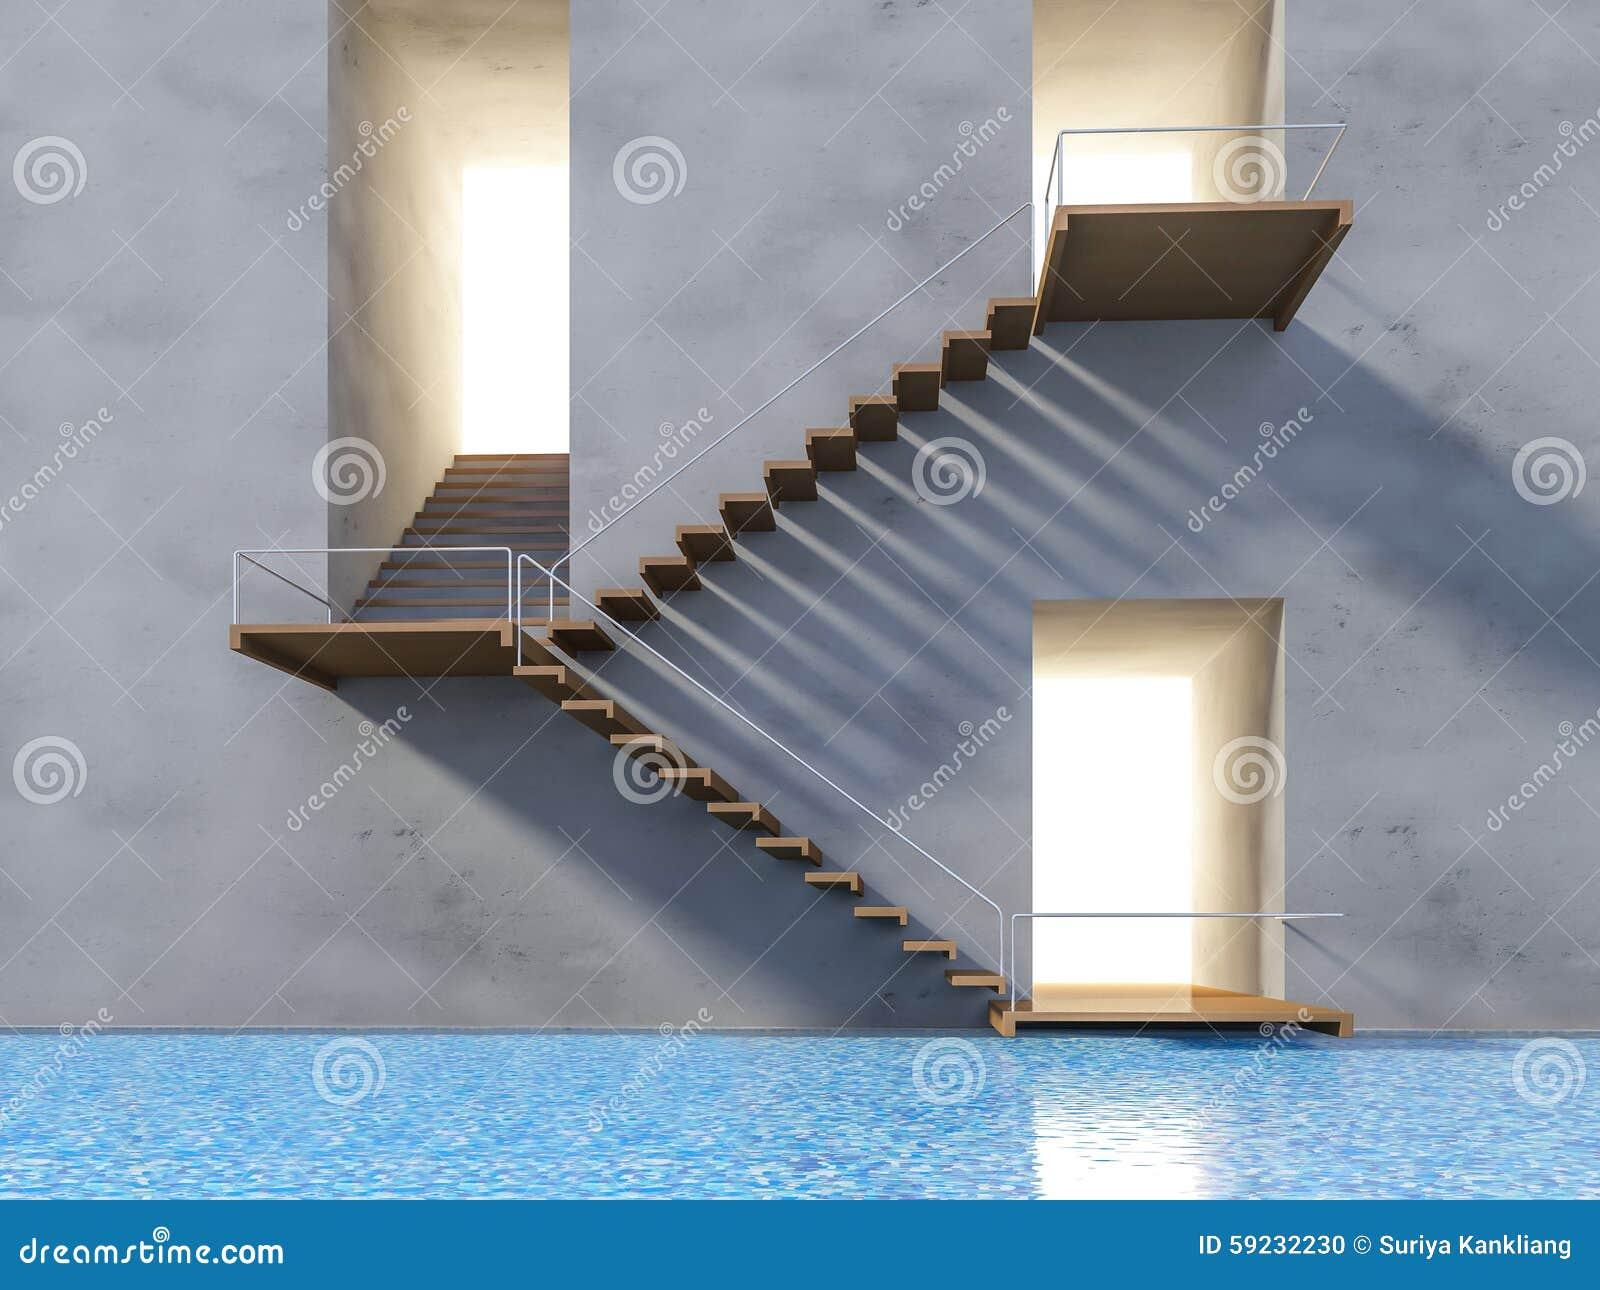 Download Escalera de madera 3ds stock de ilustración. Ilustración de blanco - 59232230